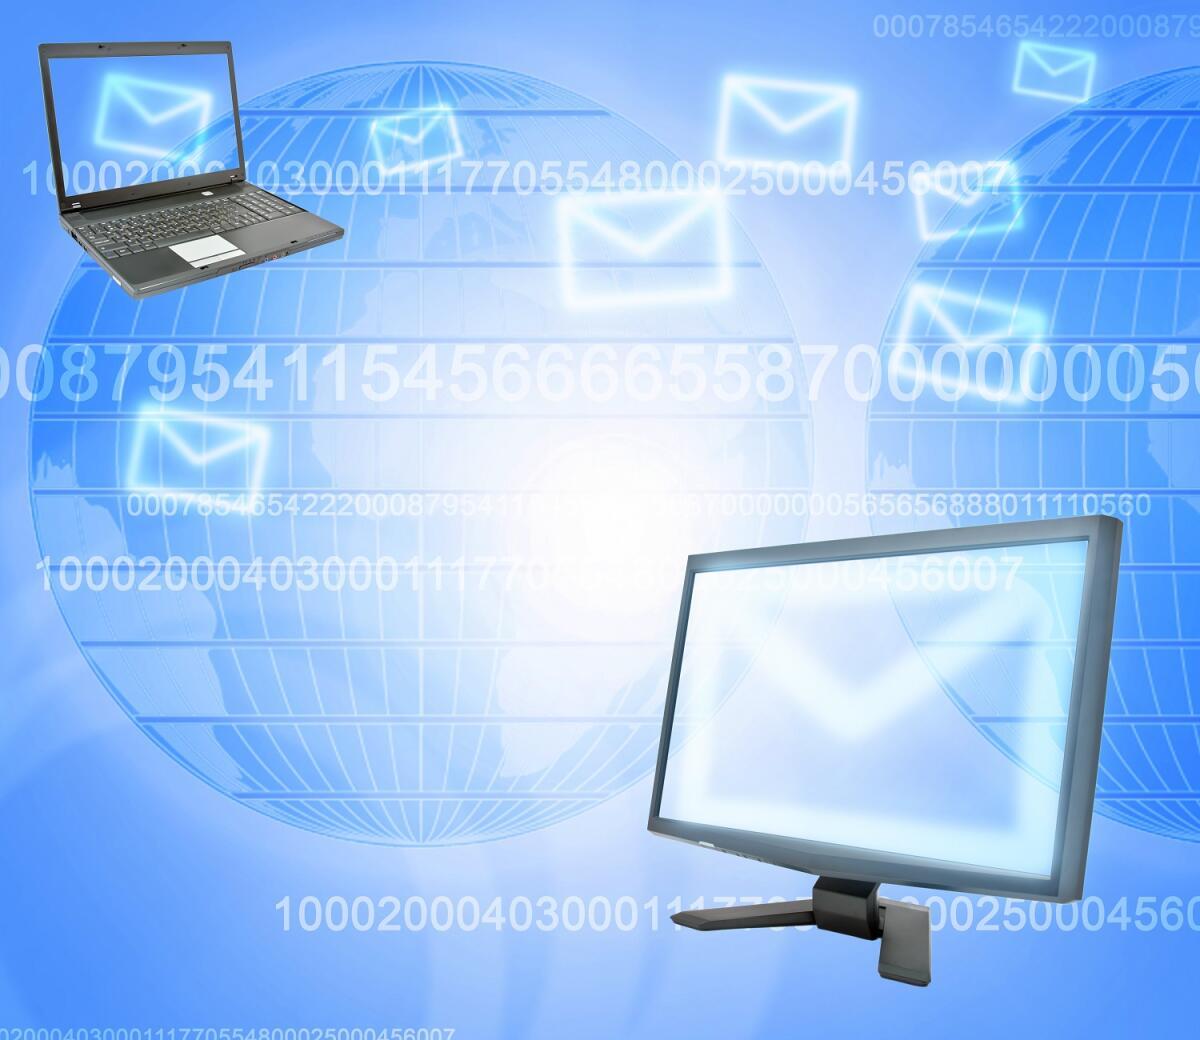 Главная выгода одноразовых почт - сокращение количества спама